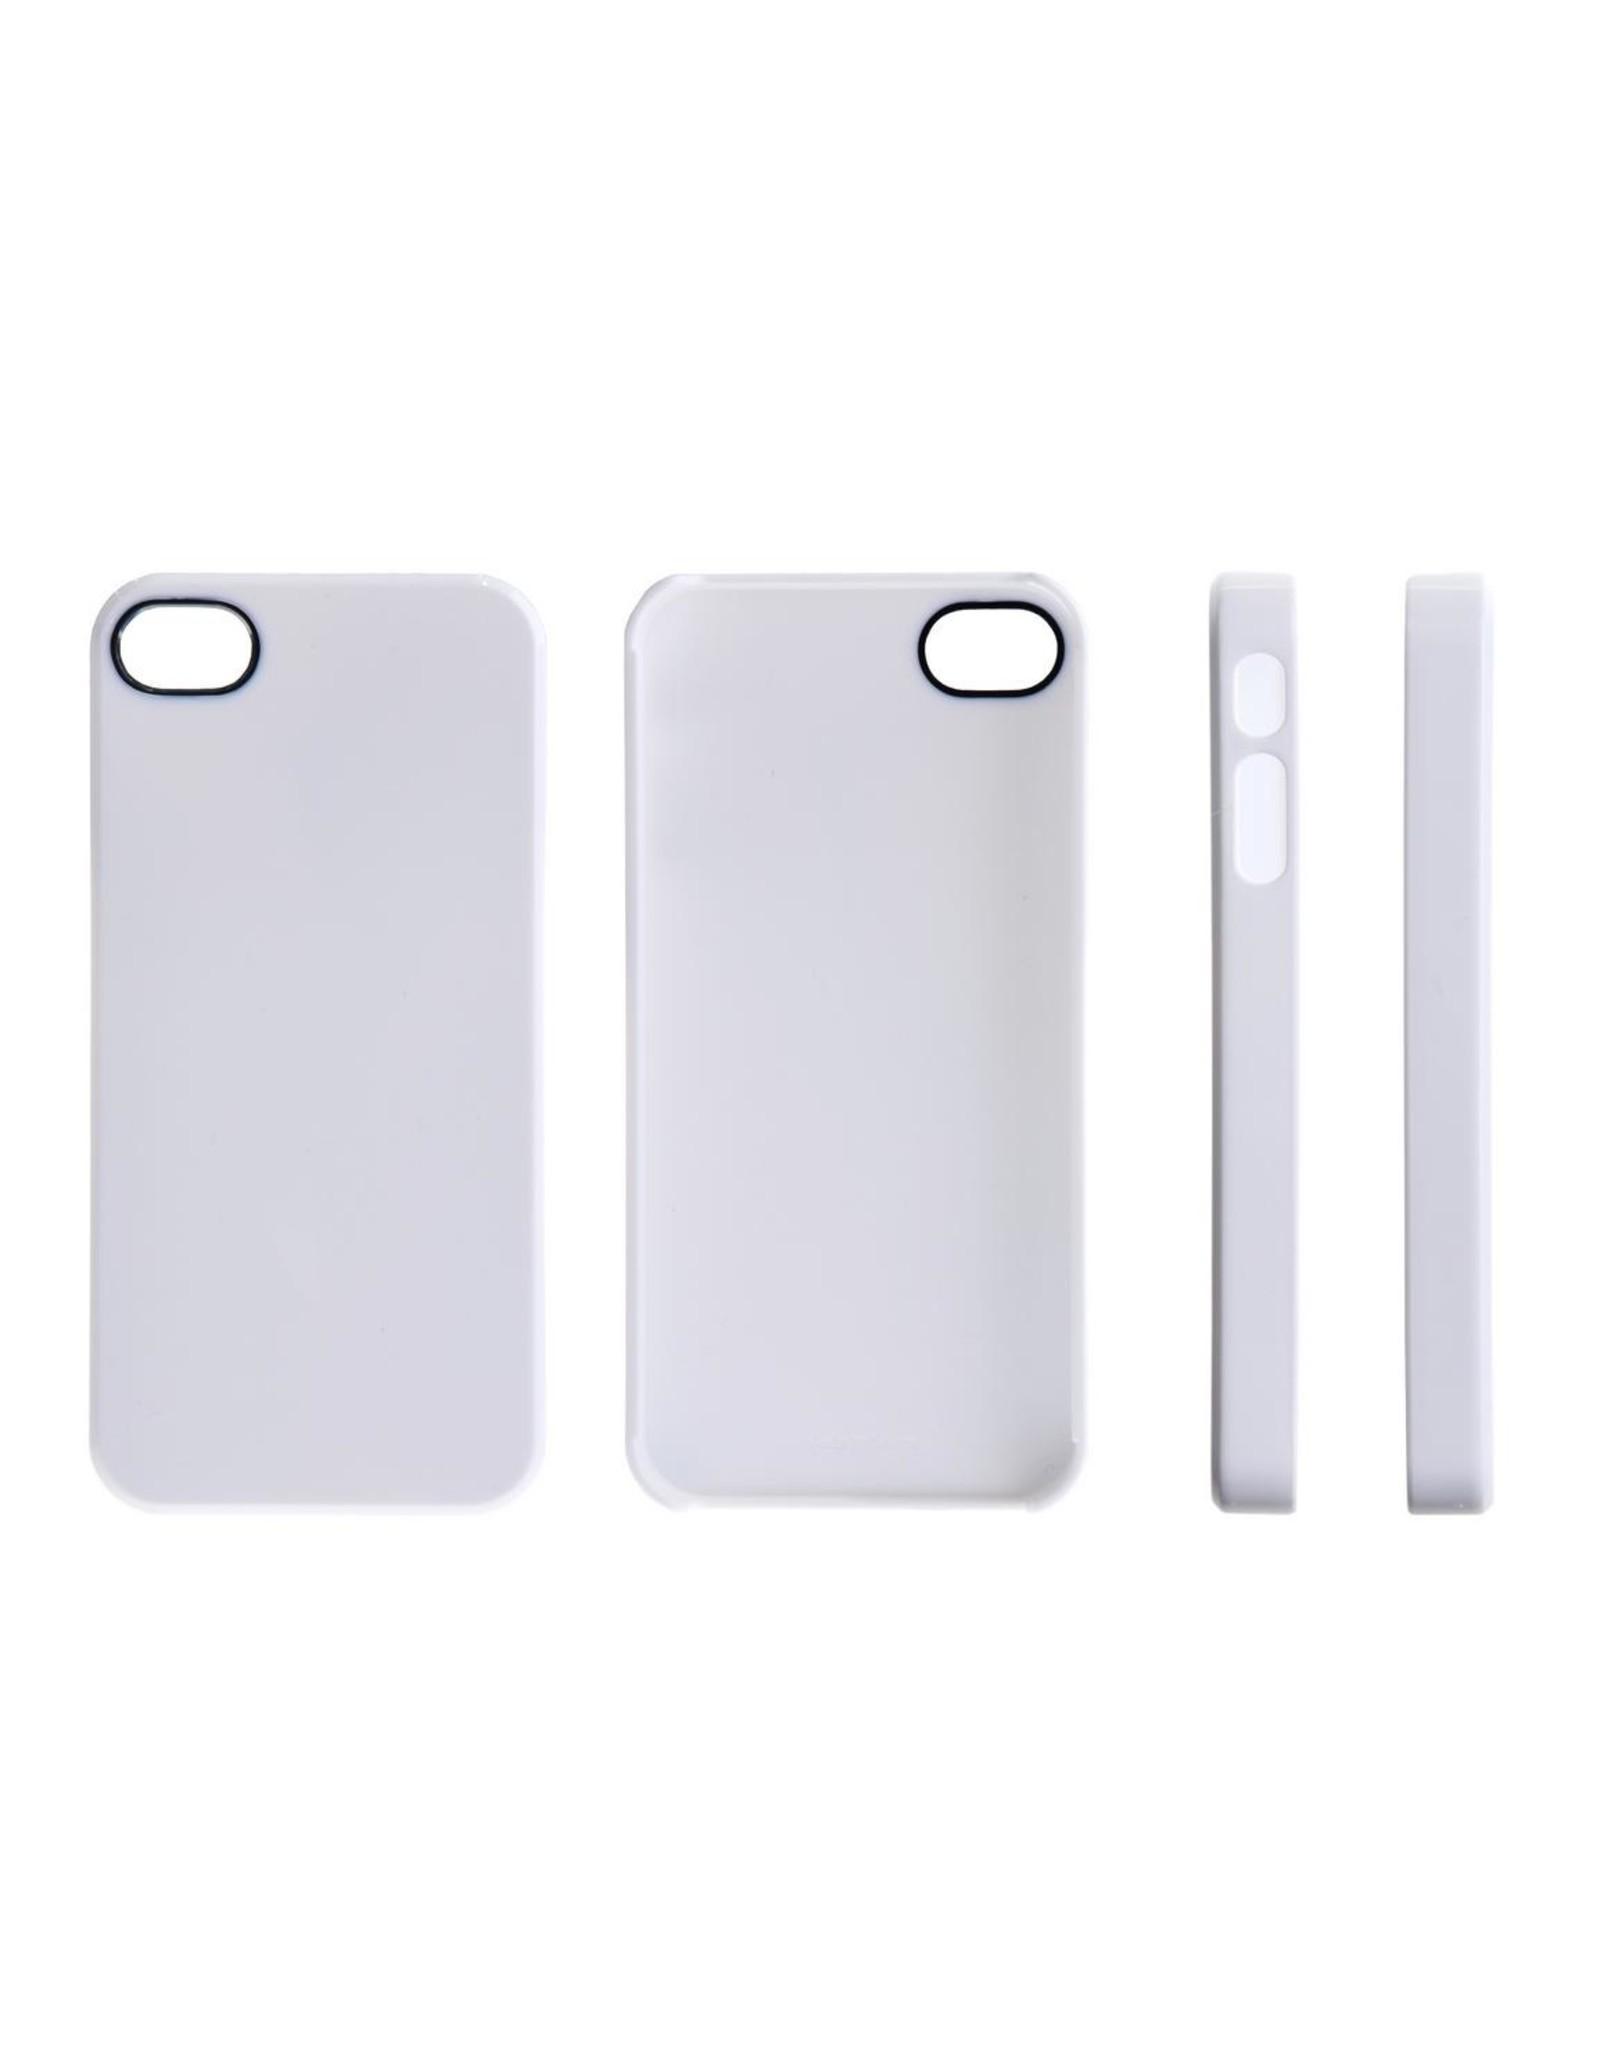 3D iPhone 5 / 5S / SE